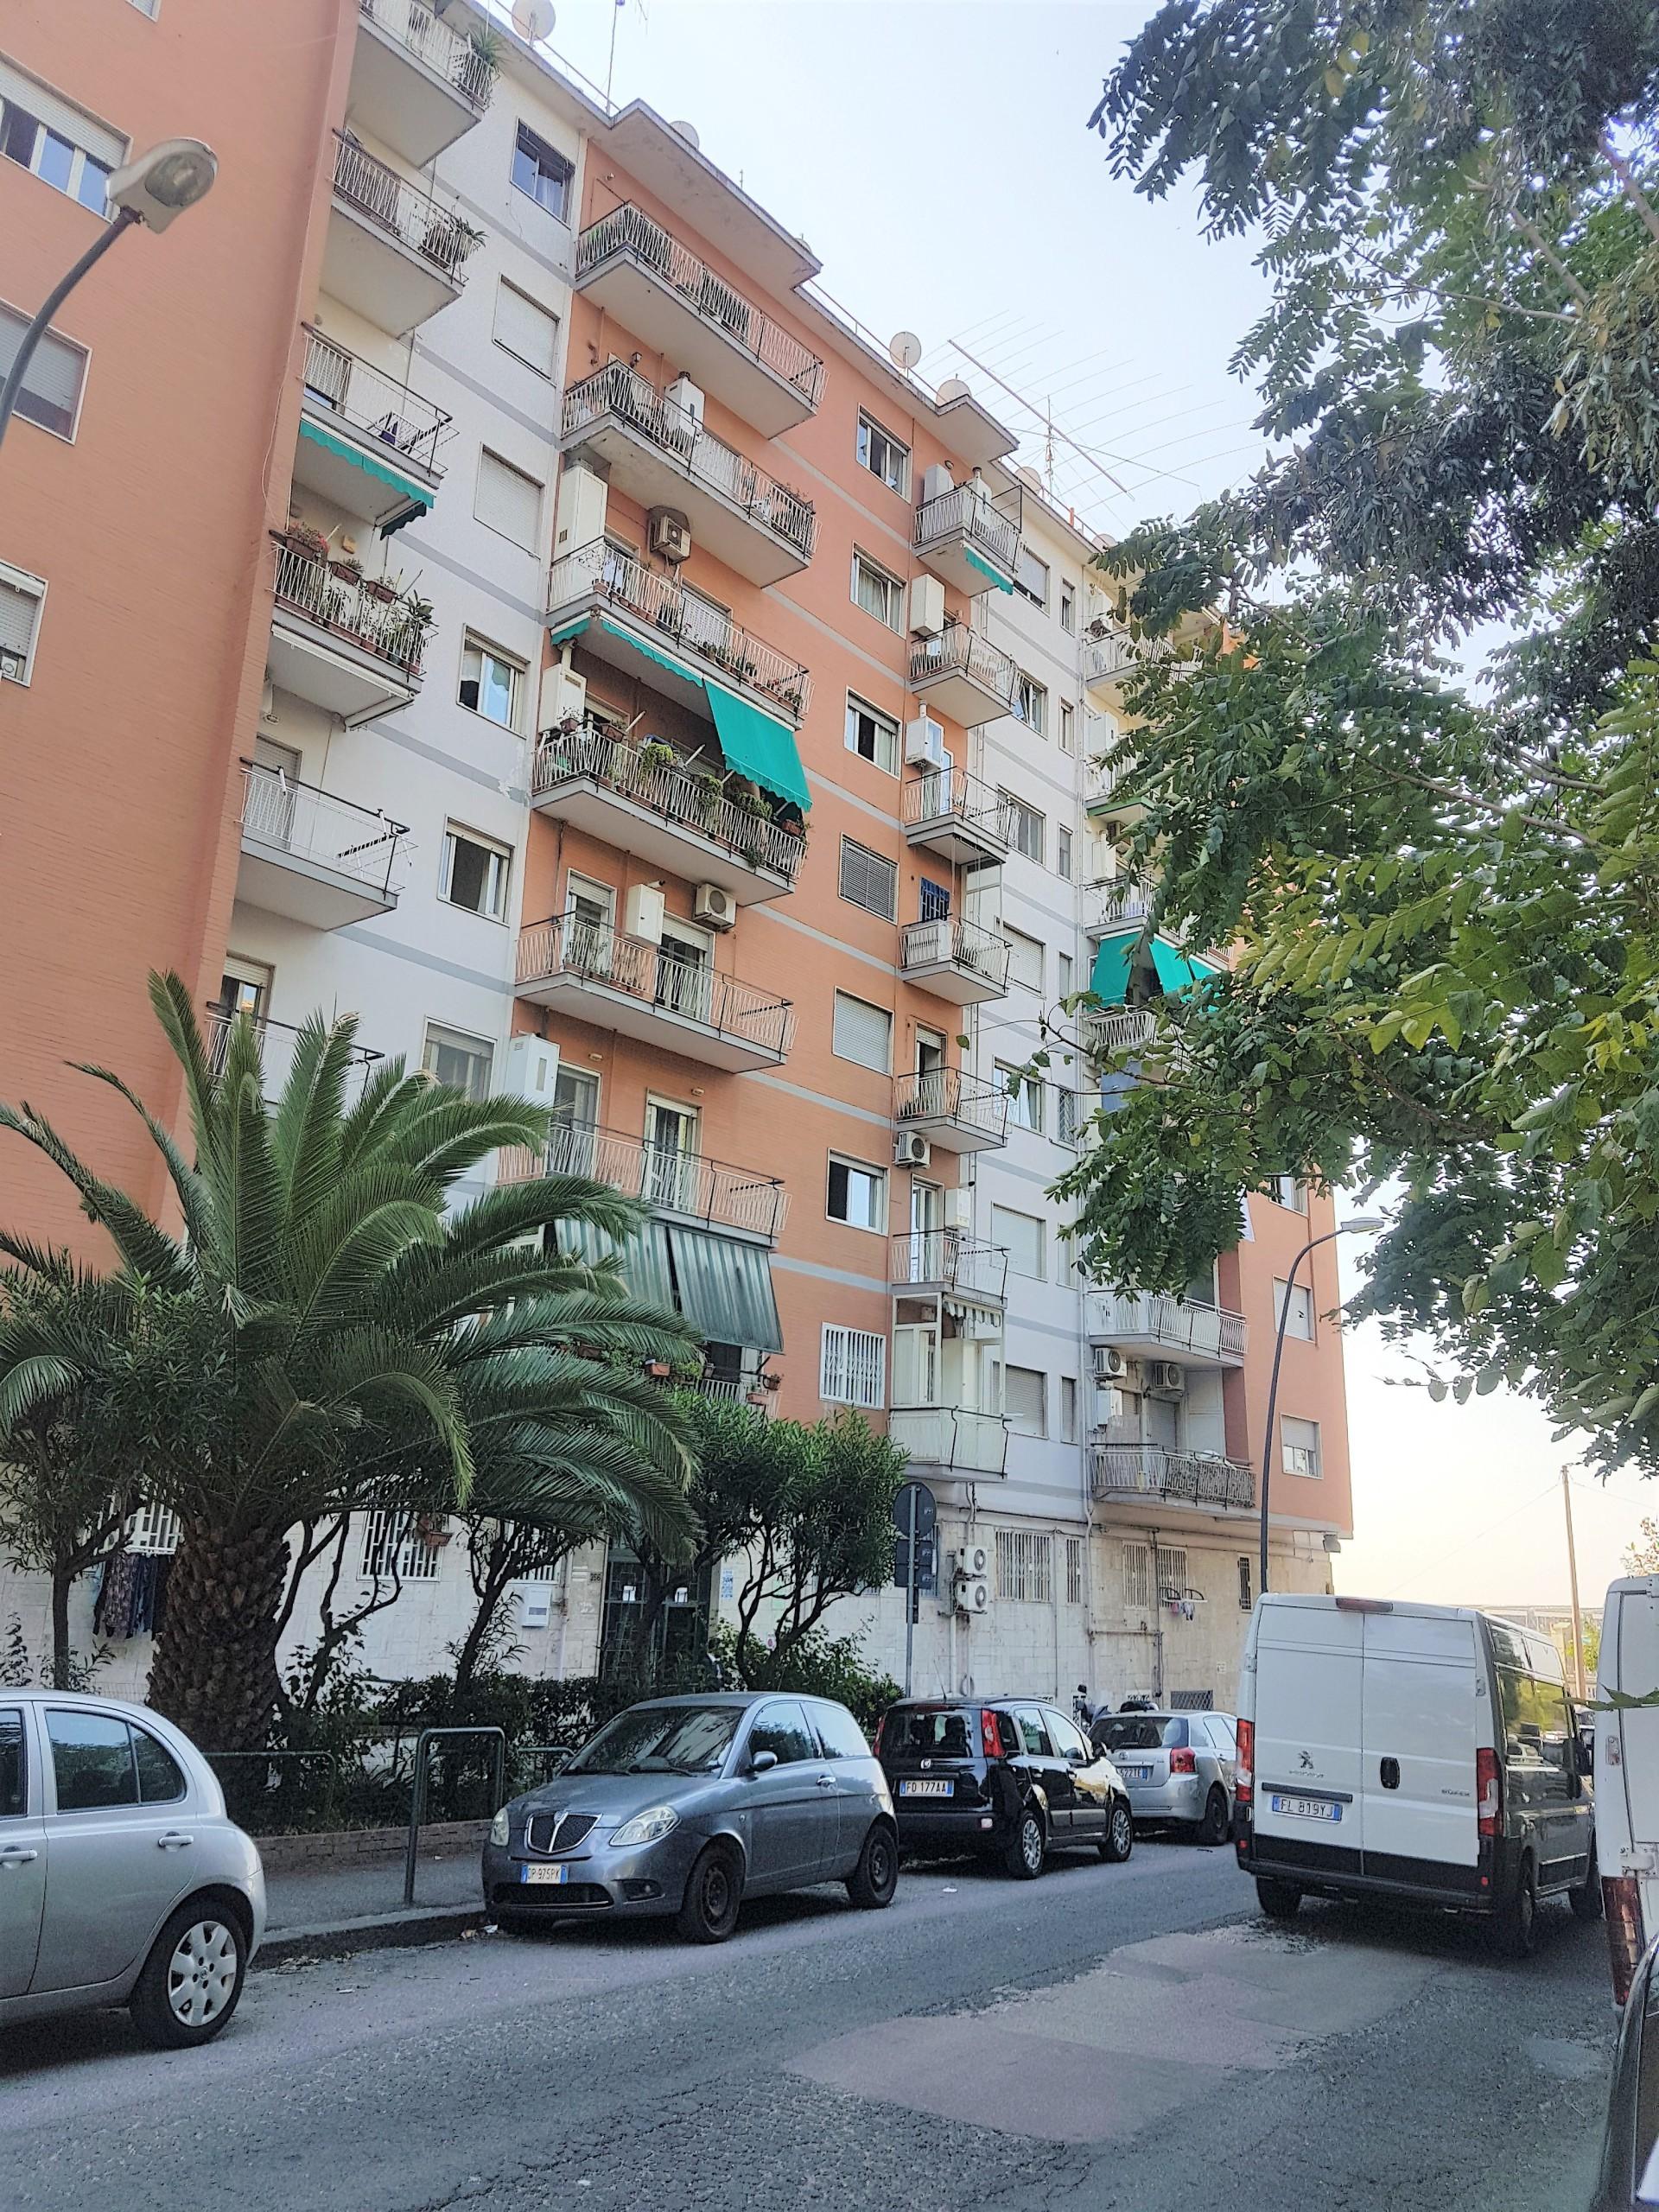 Appartamento trilocale in vendita napoli fuorigrotta for Case in vendita napoli